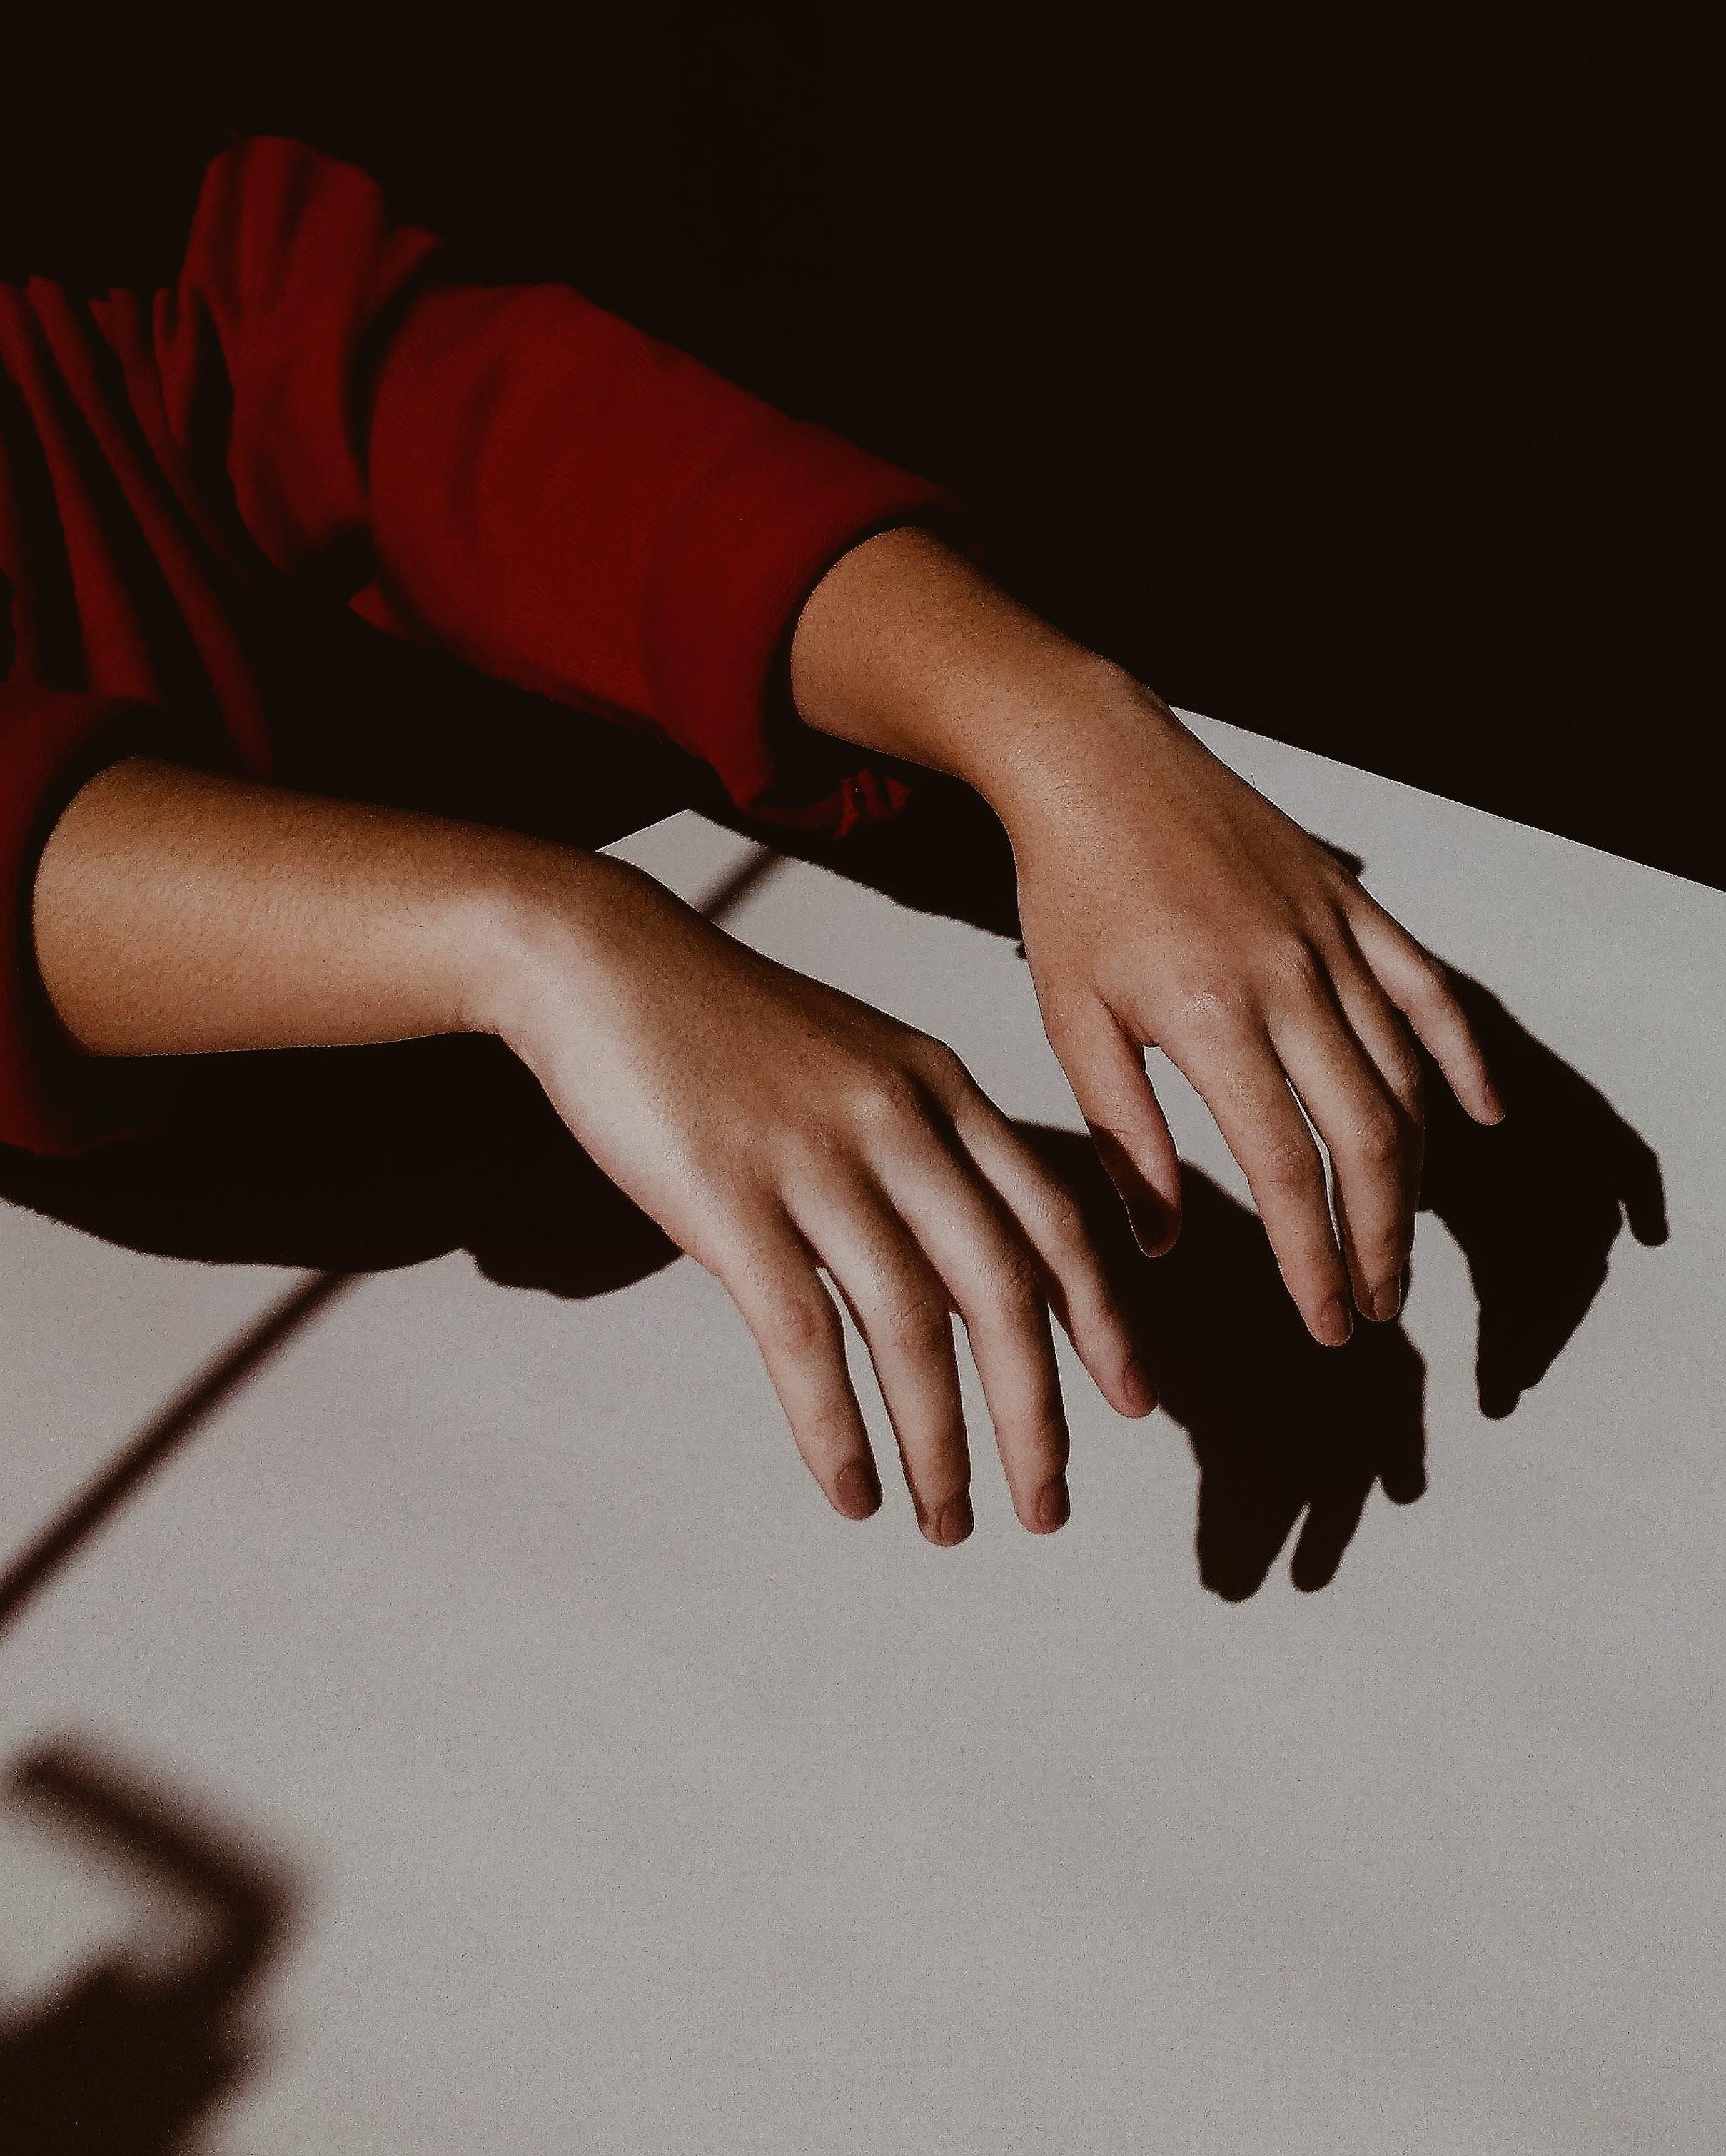 手 的 免费素材照片